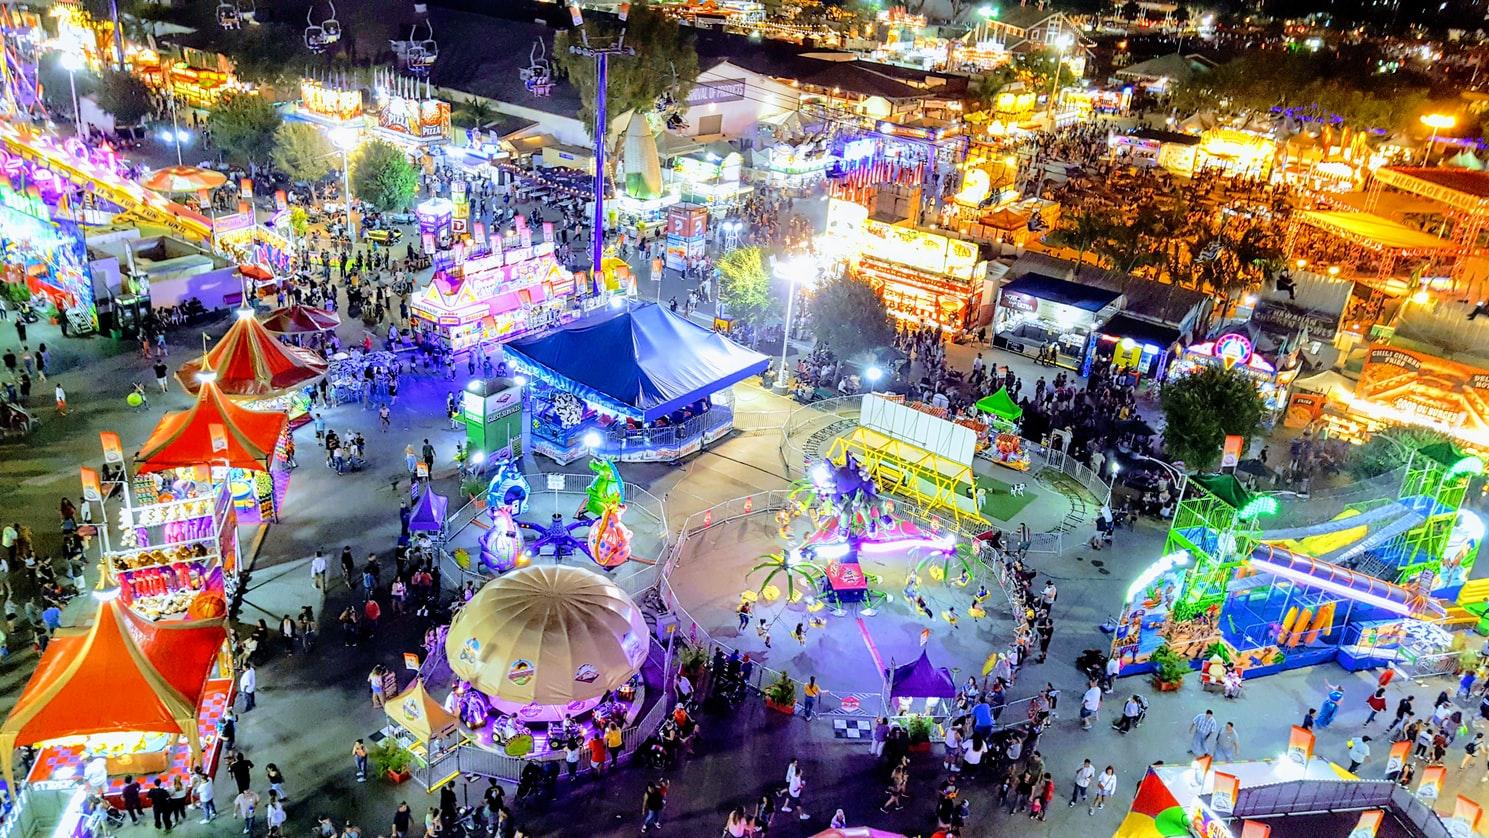 Pima County Fairgrounds